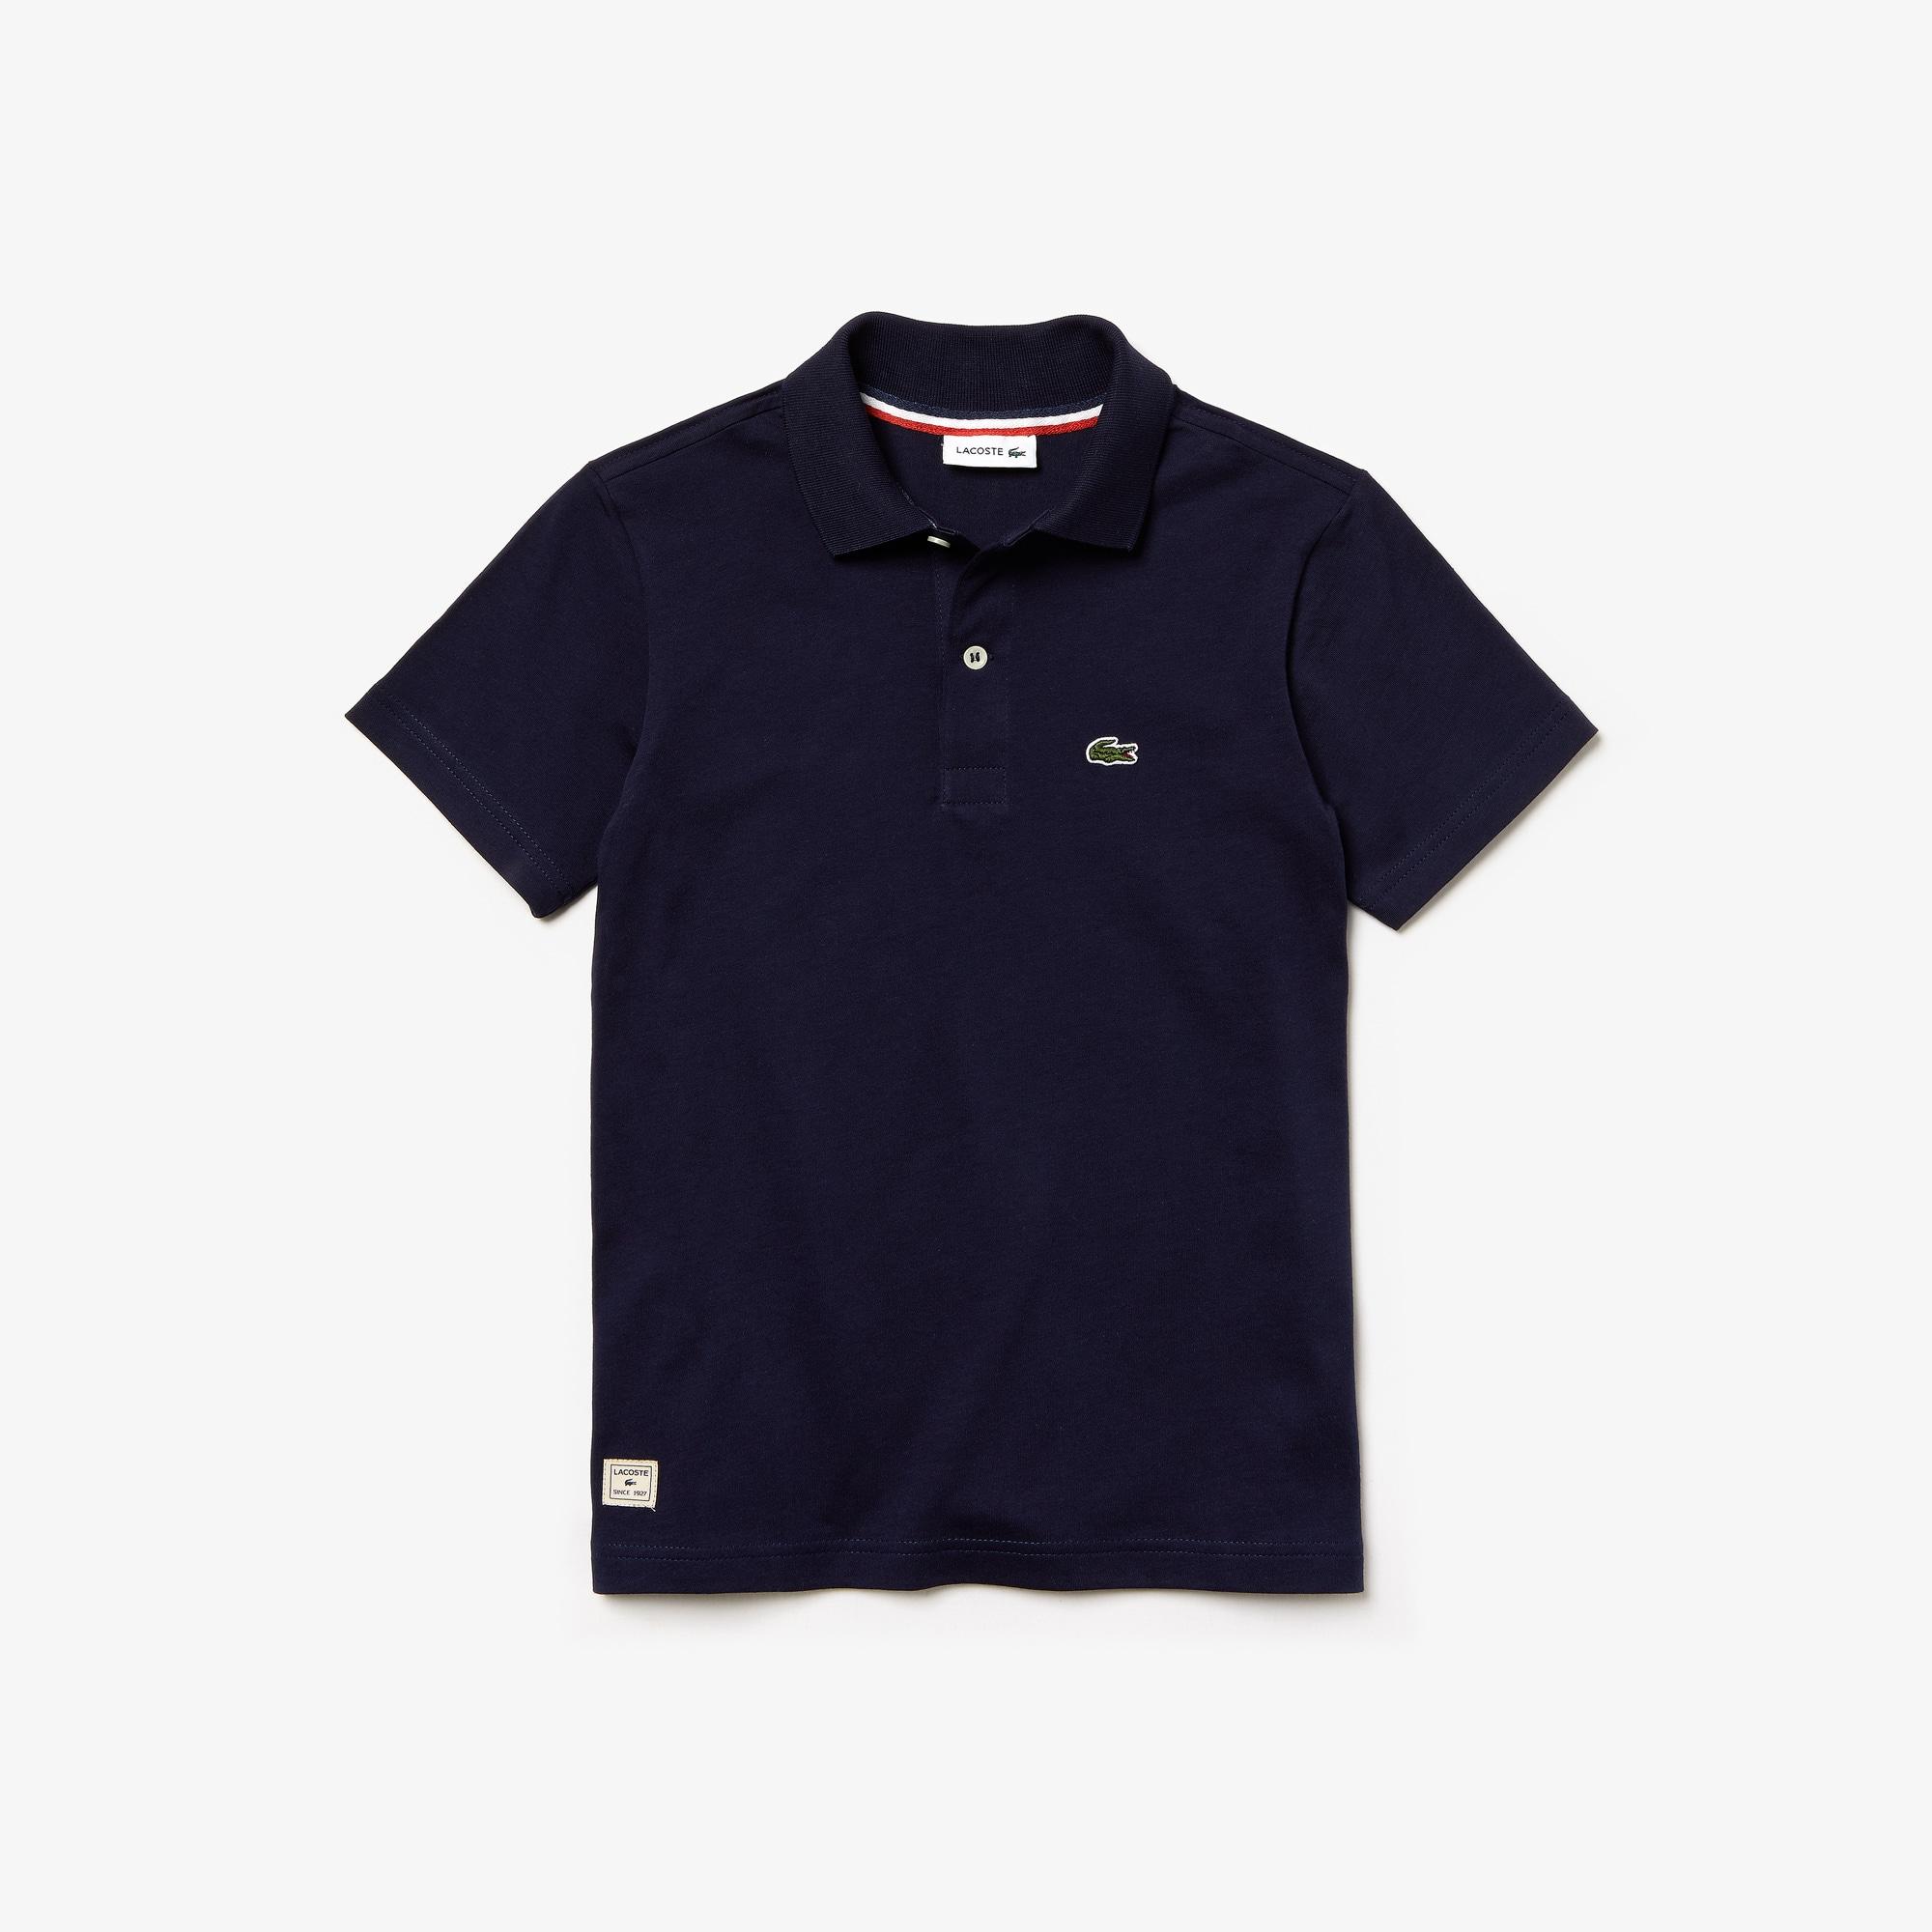 LACOSTE Jungen-Poloshirt aus Baumwolljersey